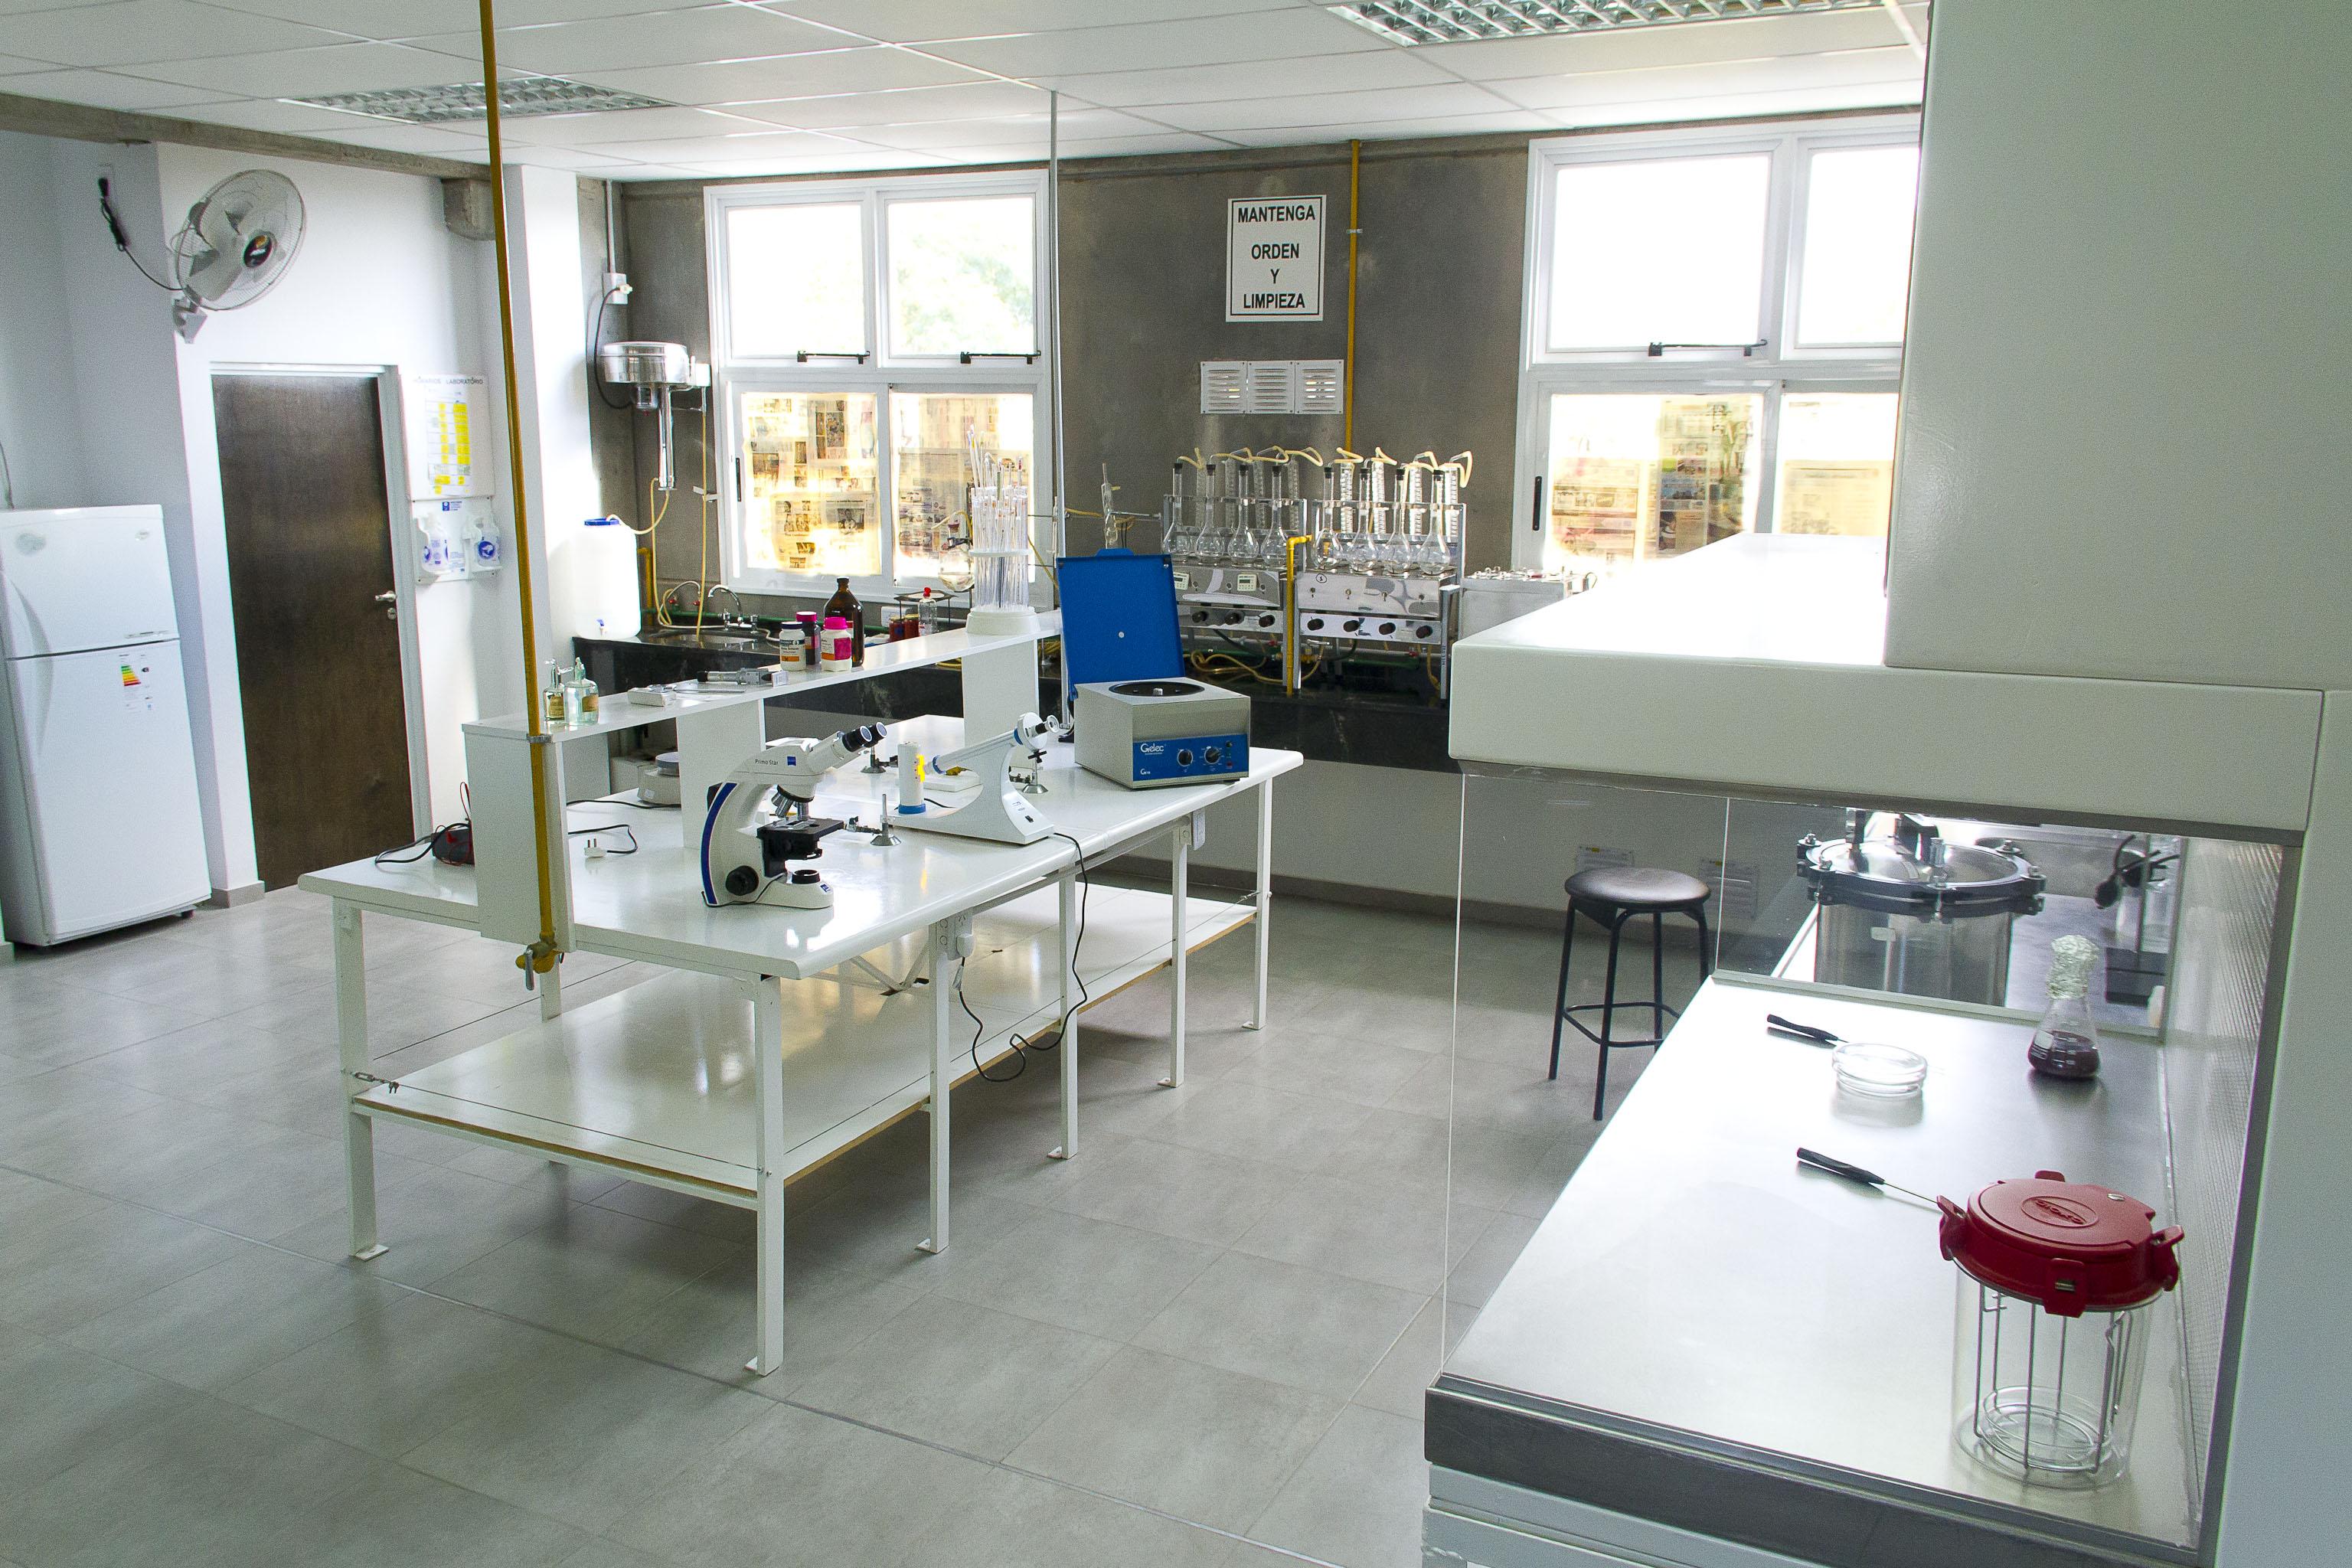 Laboratorio de ciencias b sicas ies 9 015 for Mobiliario para estudiantes